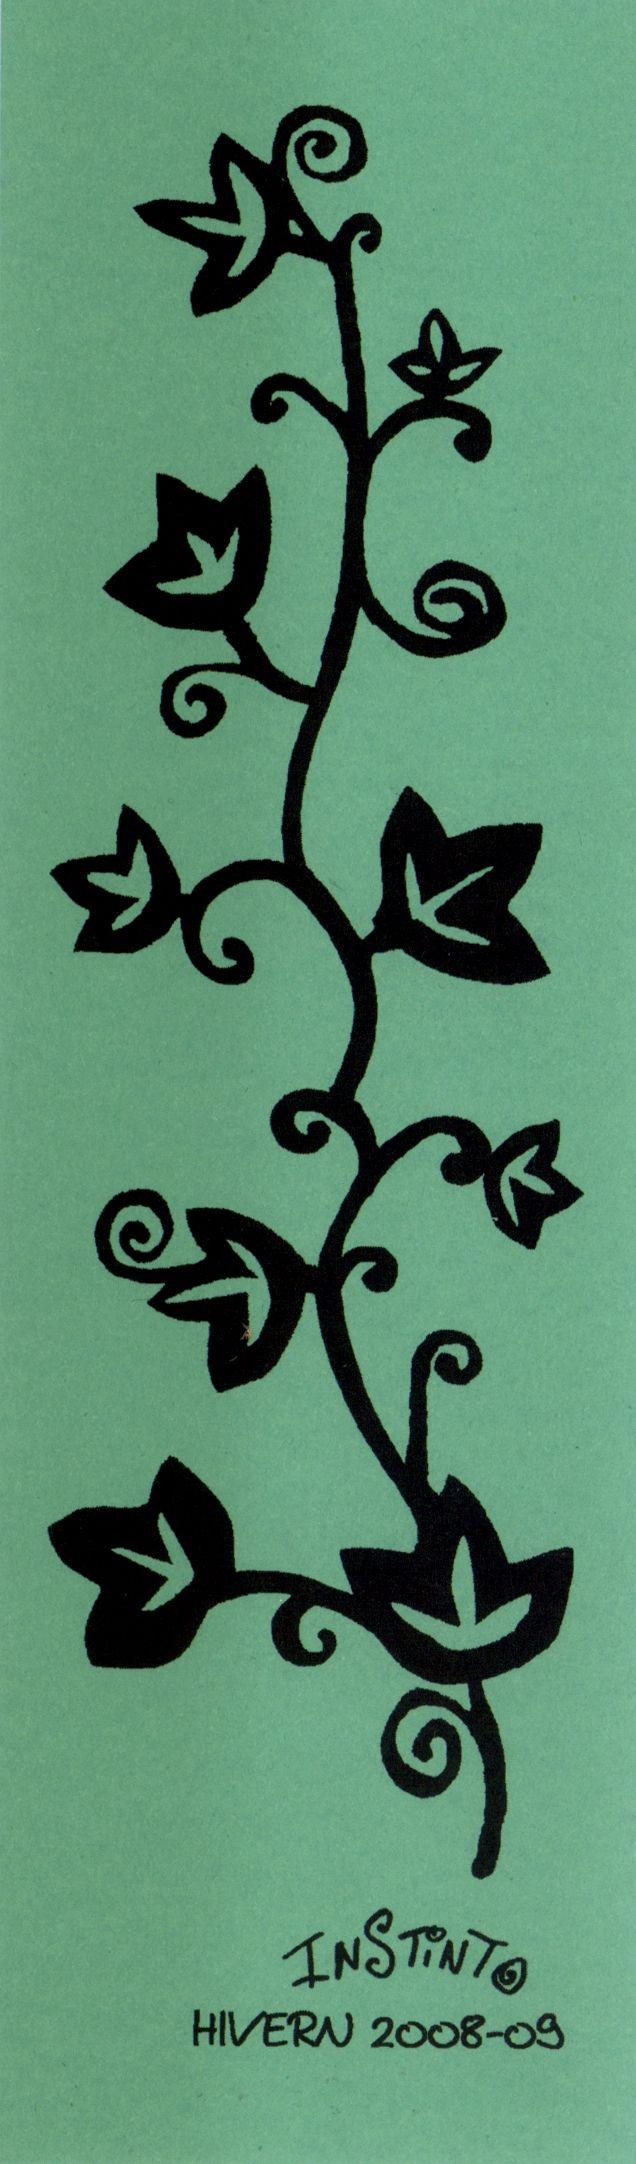 Punto de libro de la colección Heura para el St. Jordi del 2008.#InstintoBcn #Bookmark